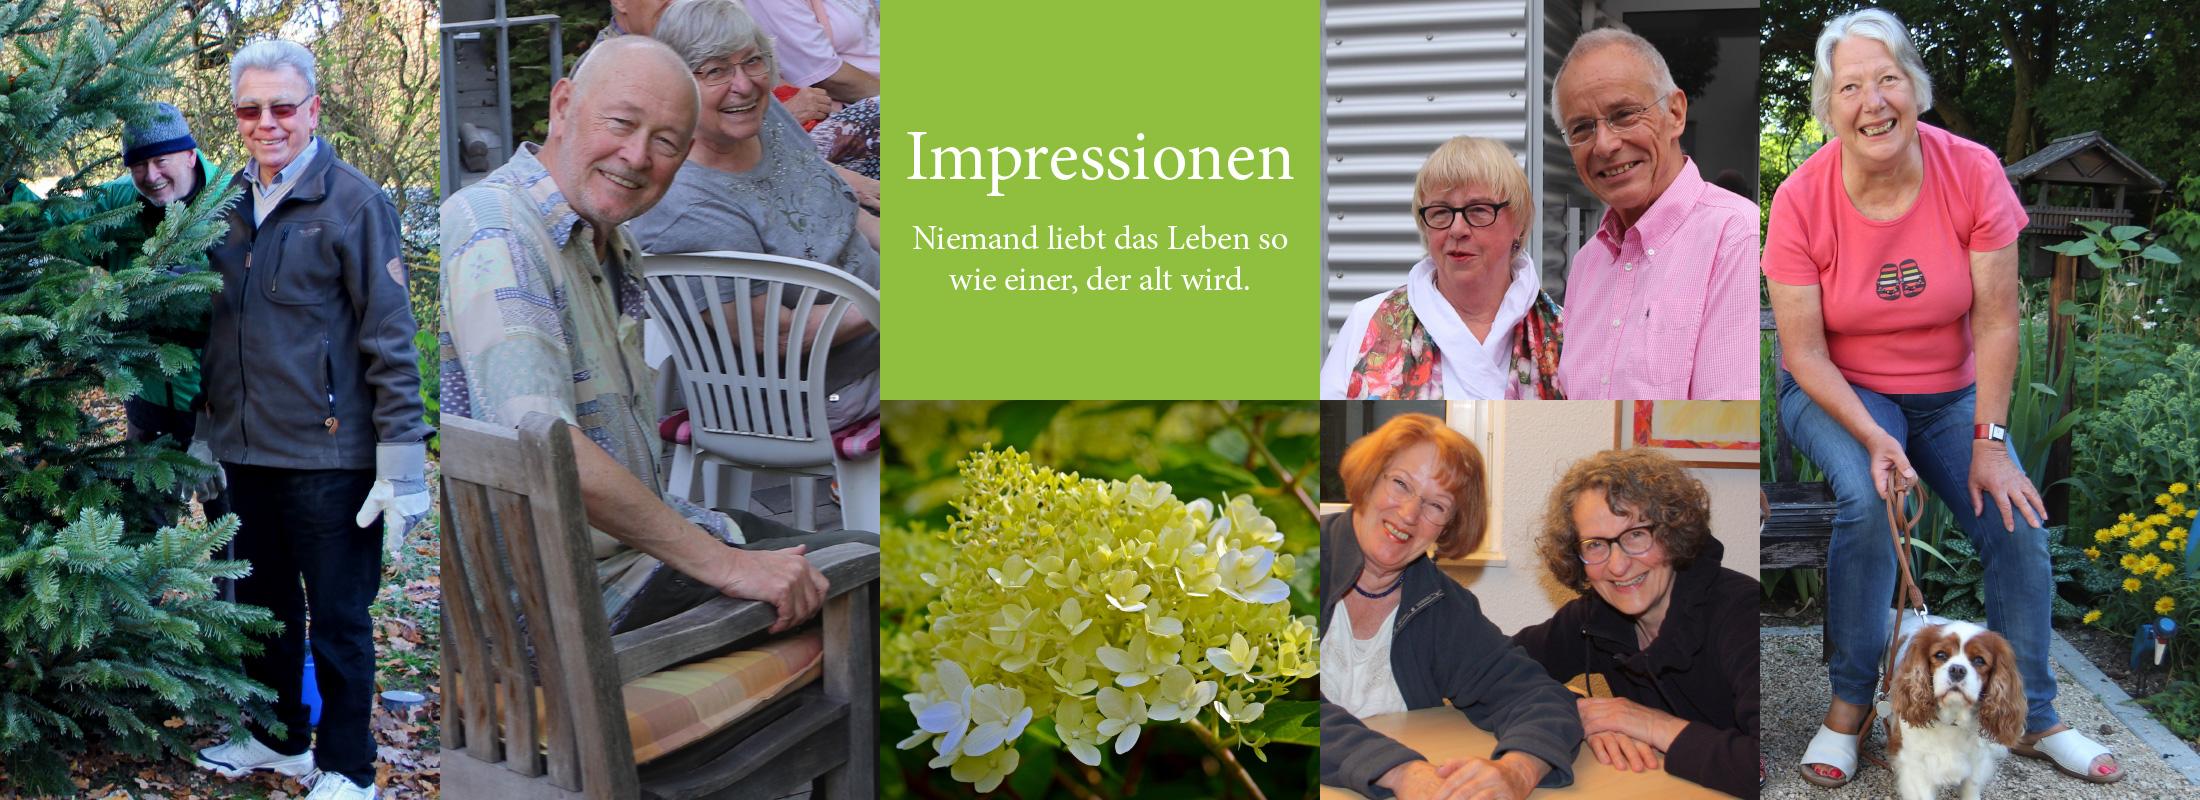 Impressionen – Niemand liebt das Leben so wie einer, der alt wird.